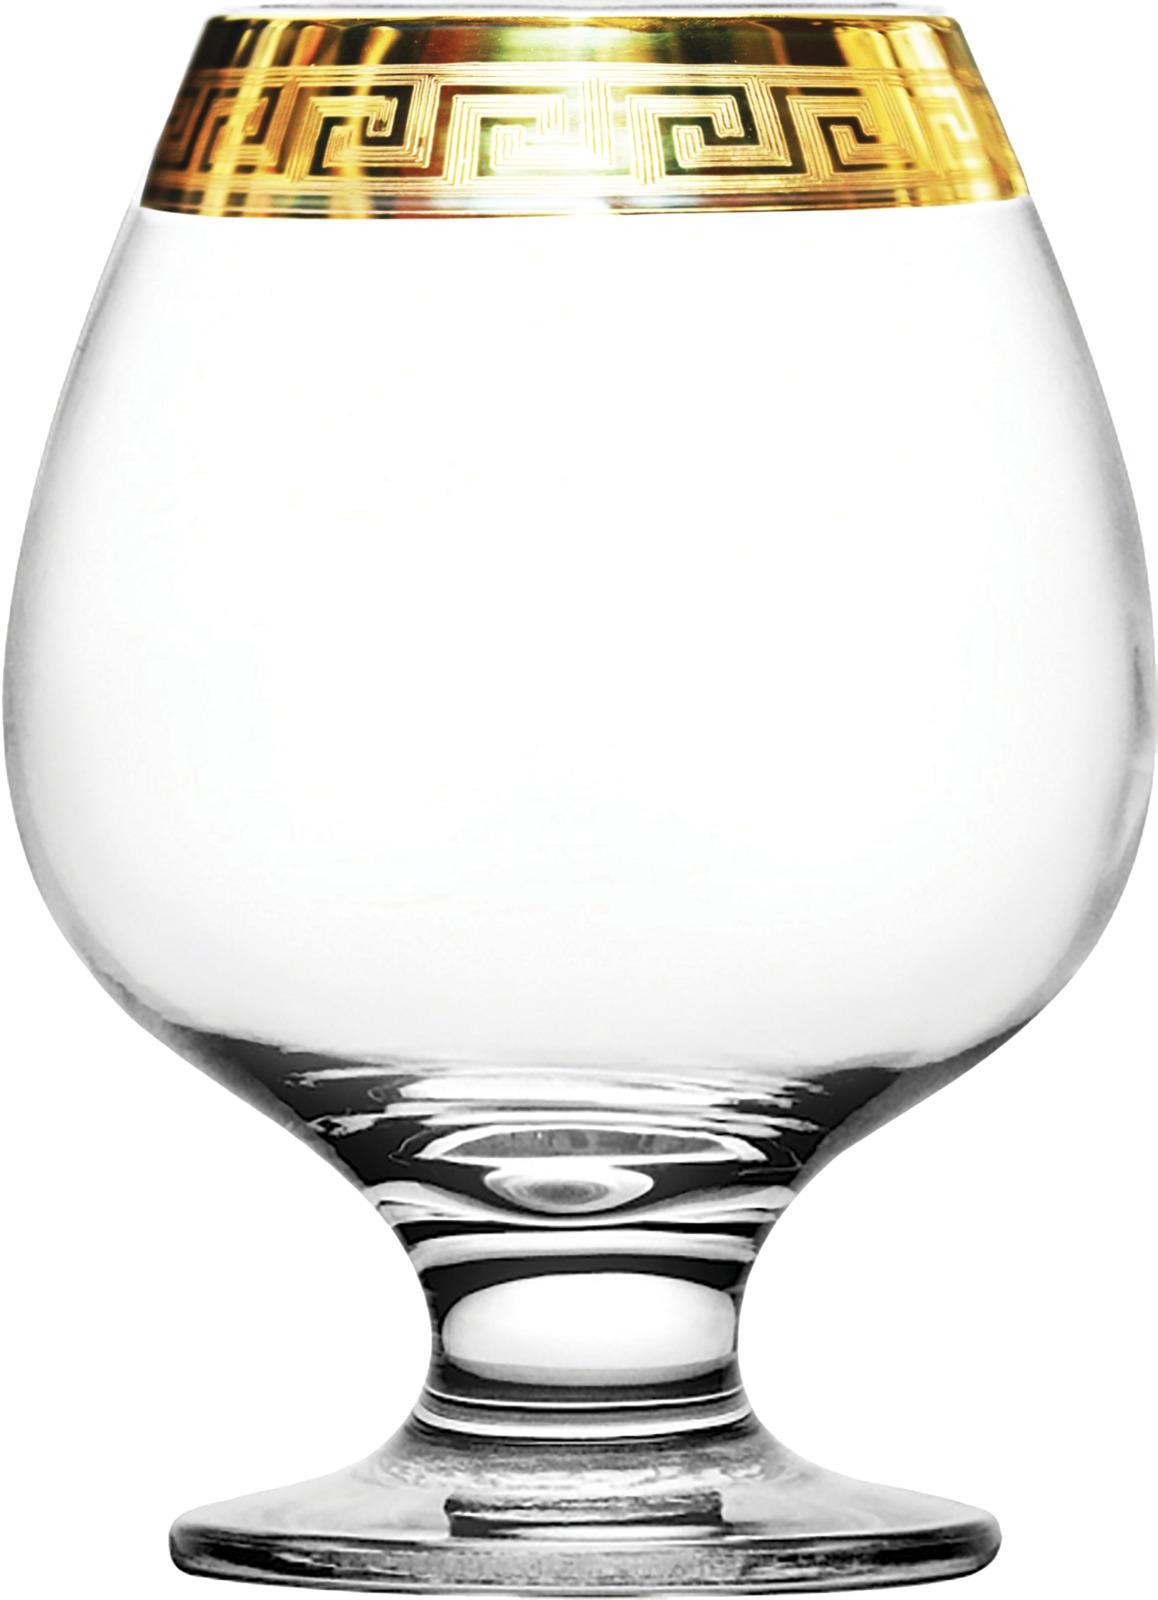 Набор бокалов для бренди Гусь-Хрустальный Версаче голд, TAV91-188, 400 мл, 6 шт набор бокалов гусь хрустальный версаче голд tav91 160 200 мл 6 шт